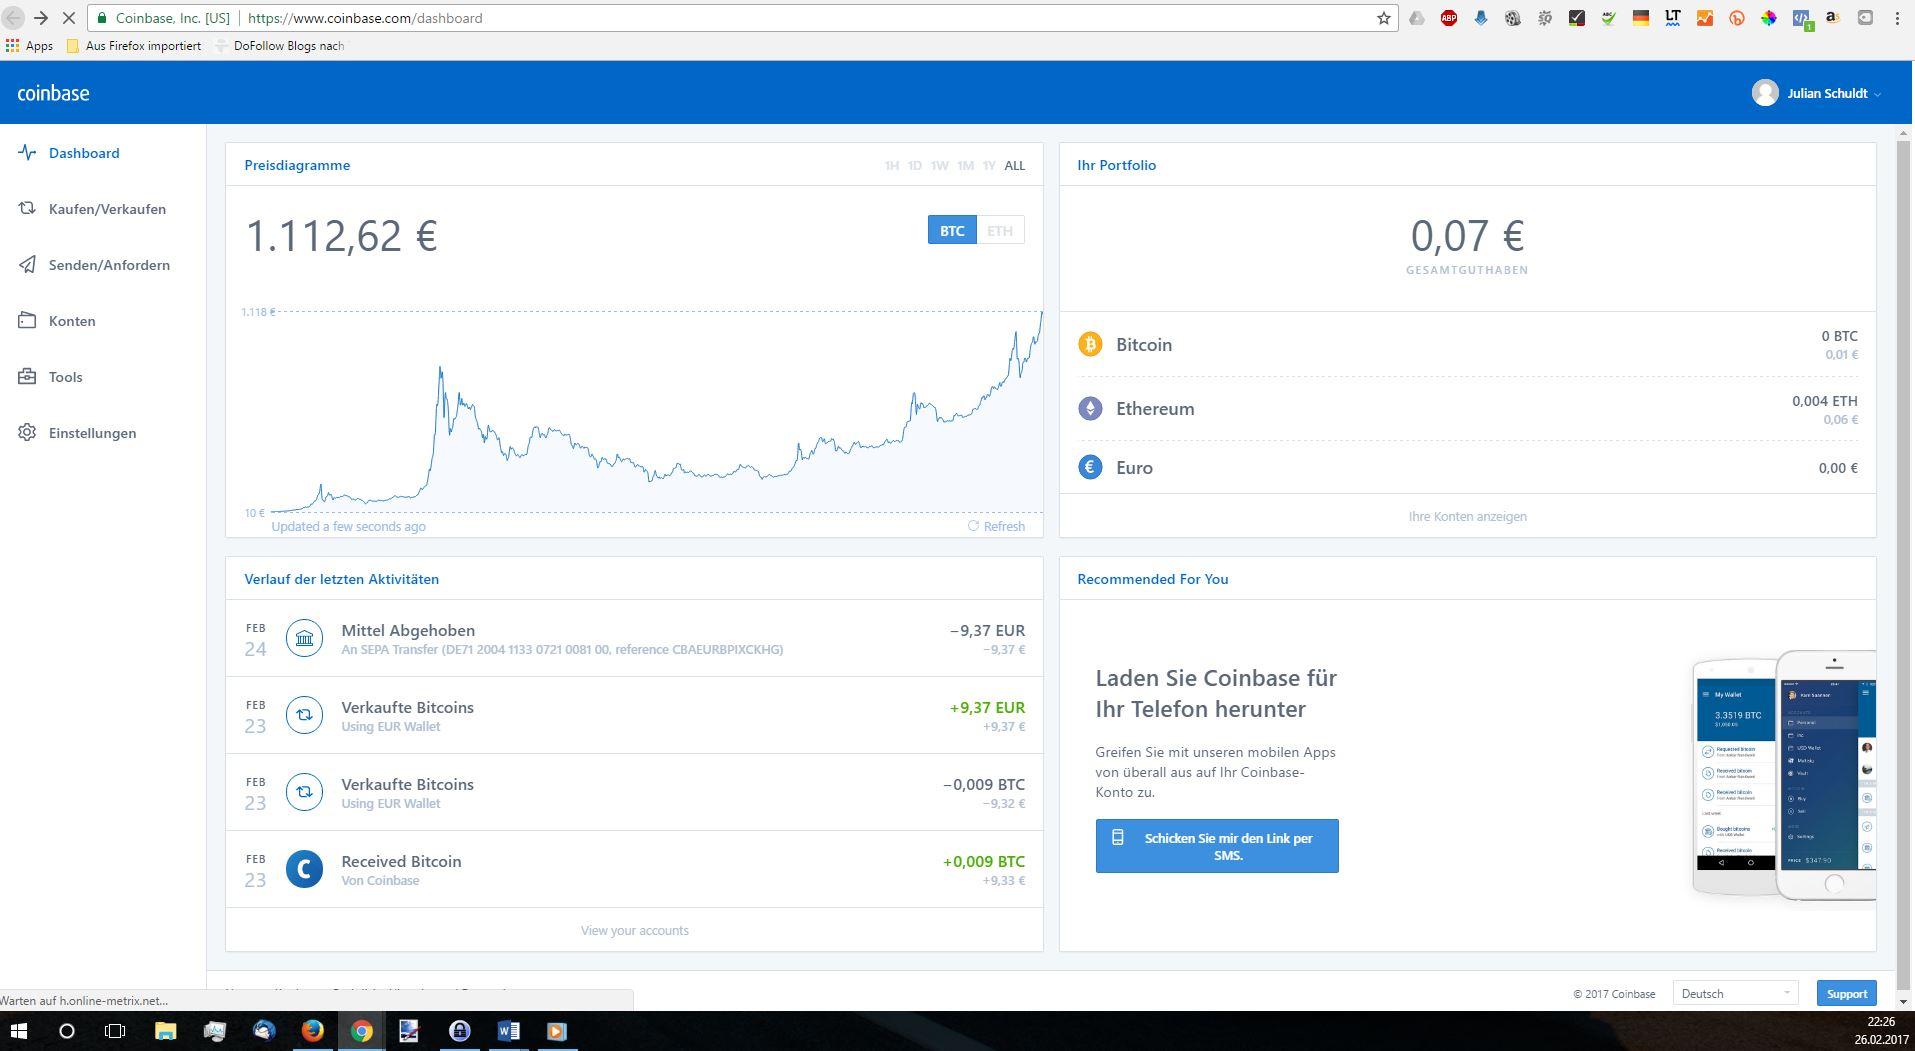 Wie lange dauert es, um kostenlos Bitcoin auf Coinbase zu erhalten?